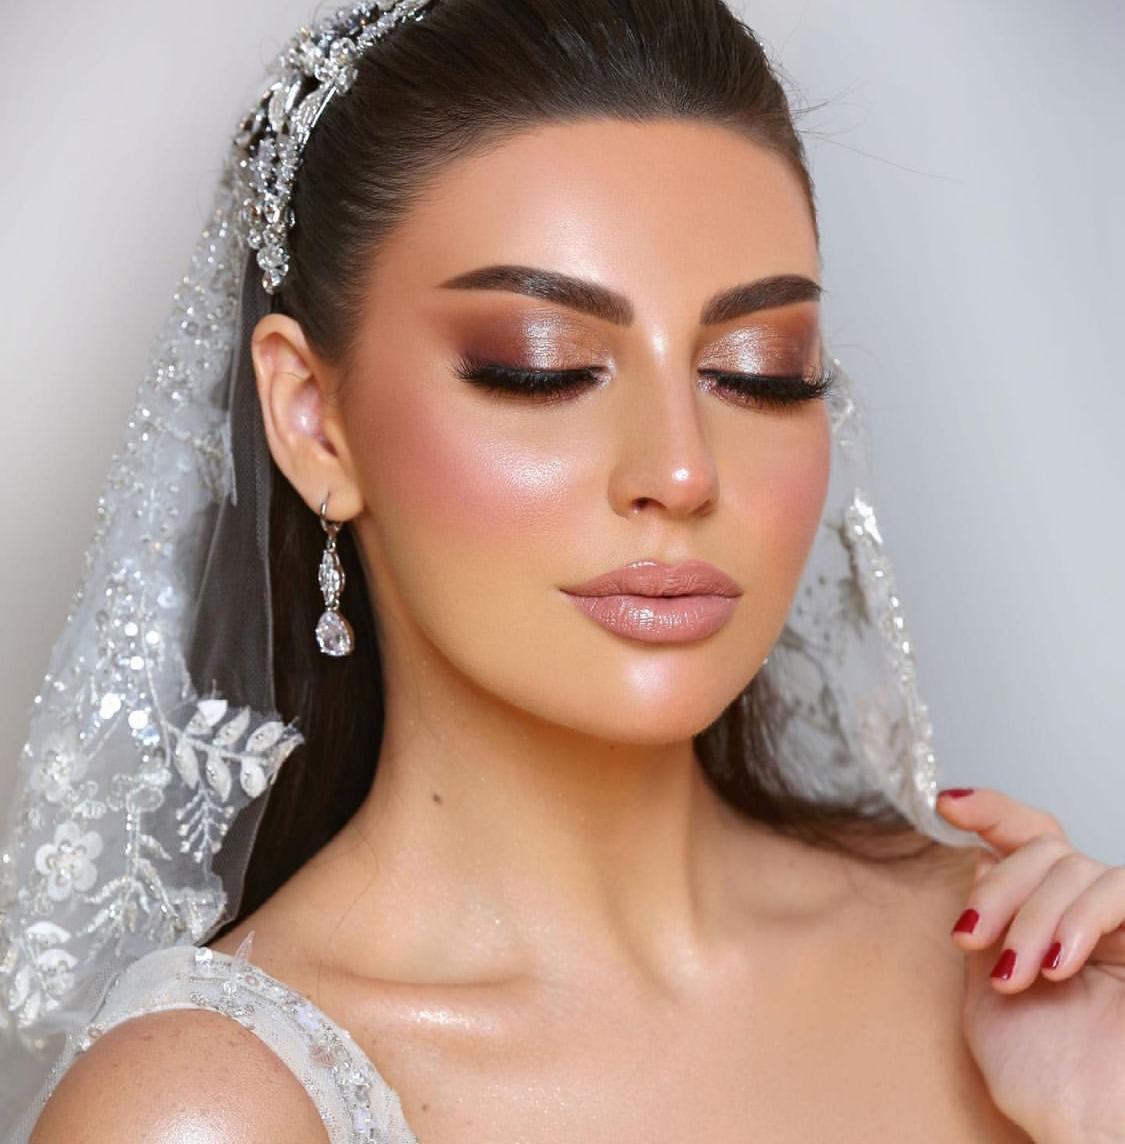 3 مكياج عروس لامع من خبيرة التجميل تهاني -الصورة من حسابها على الانستغرام